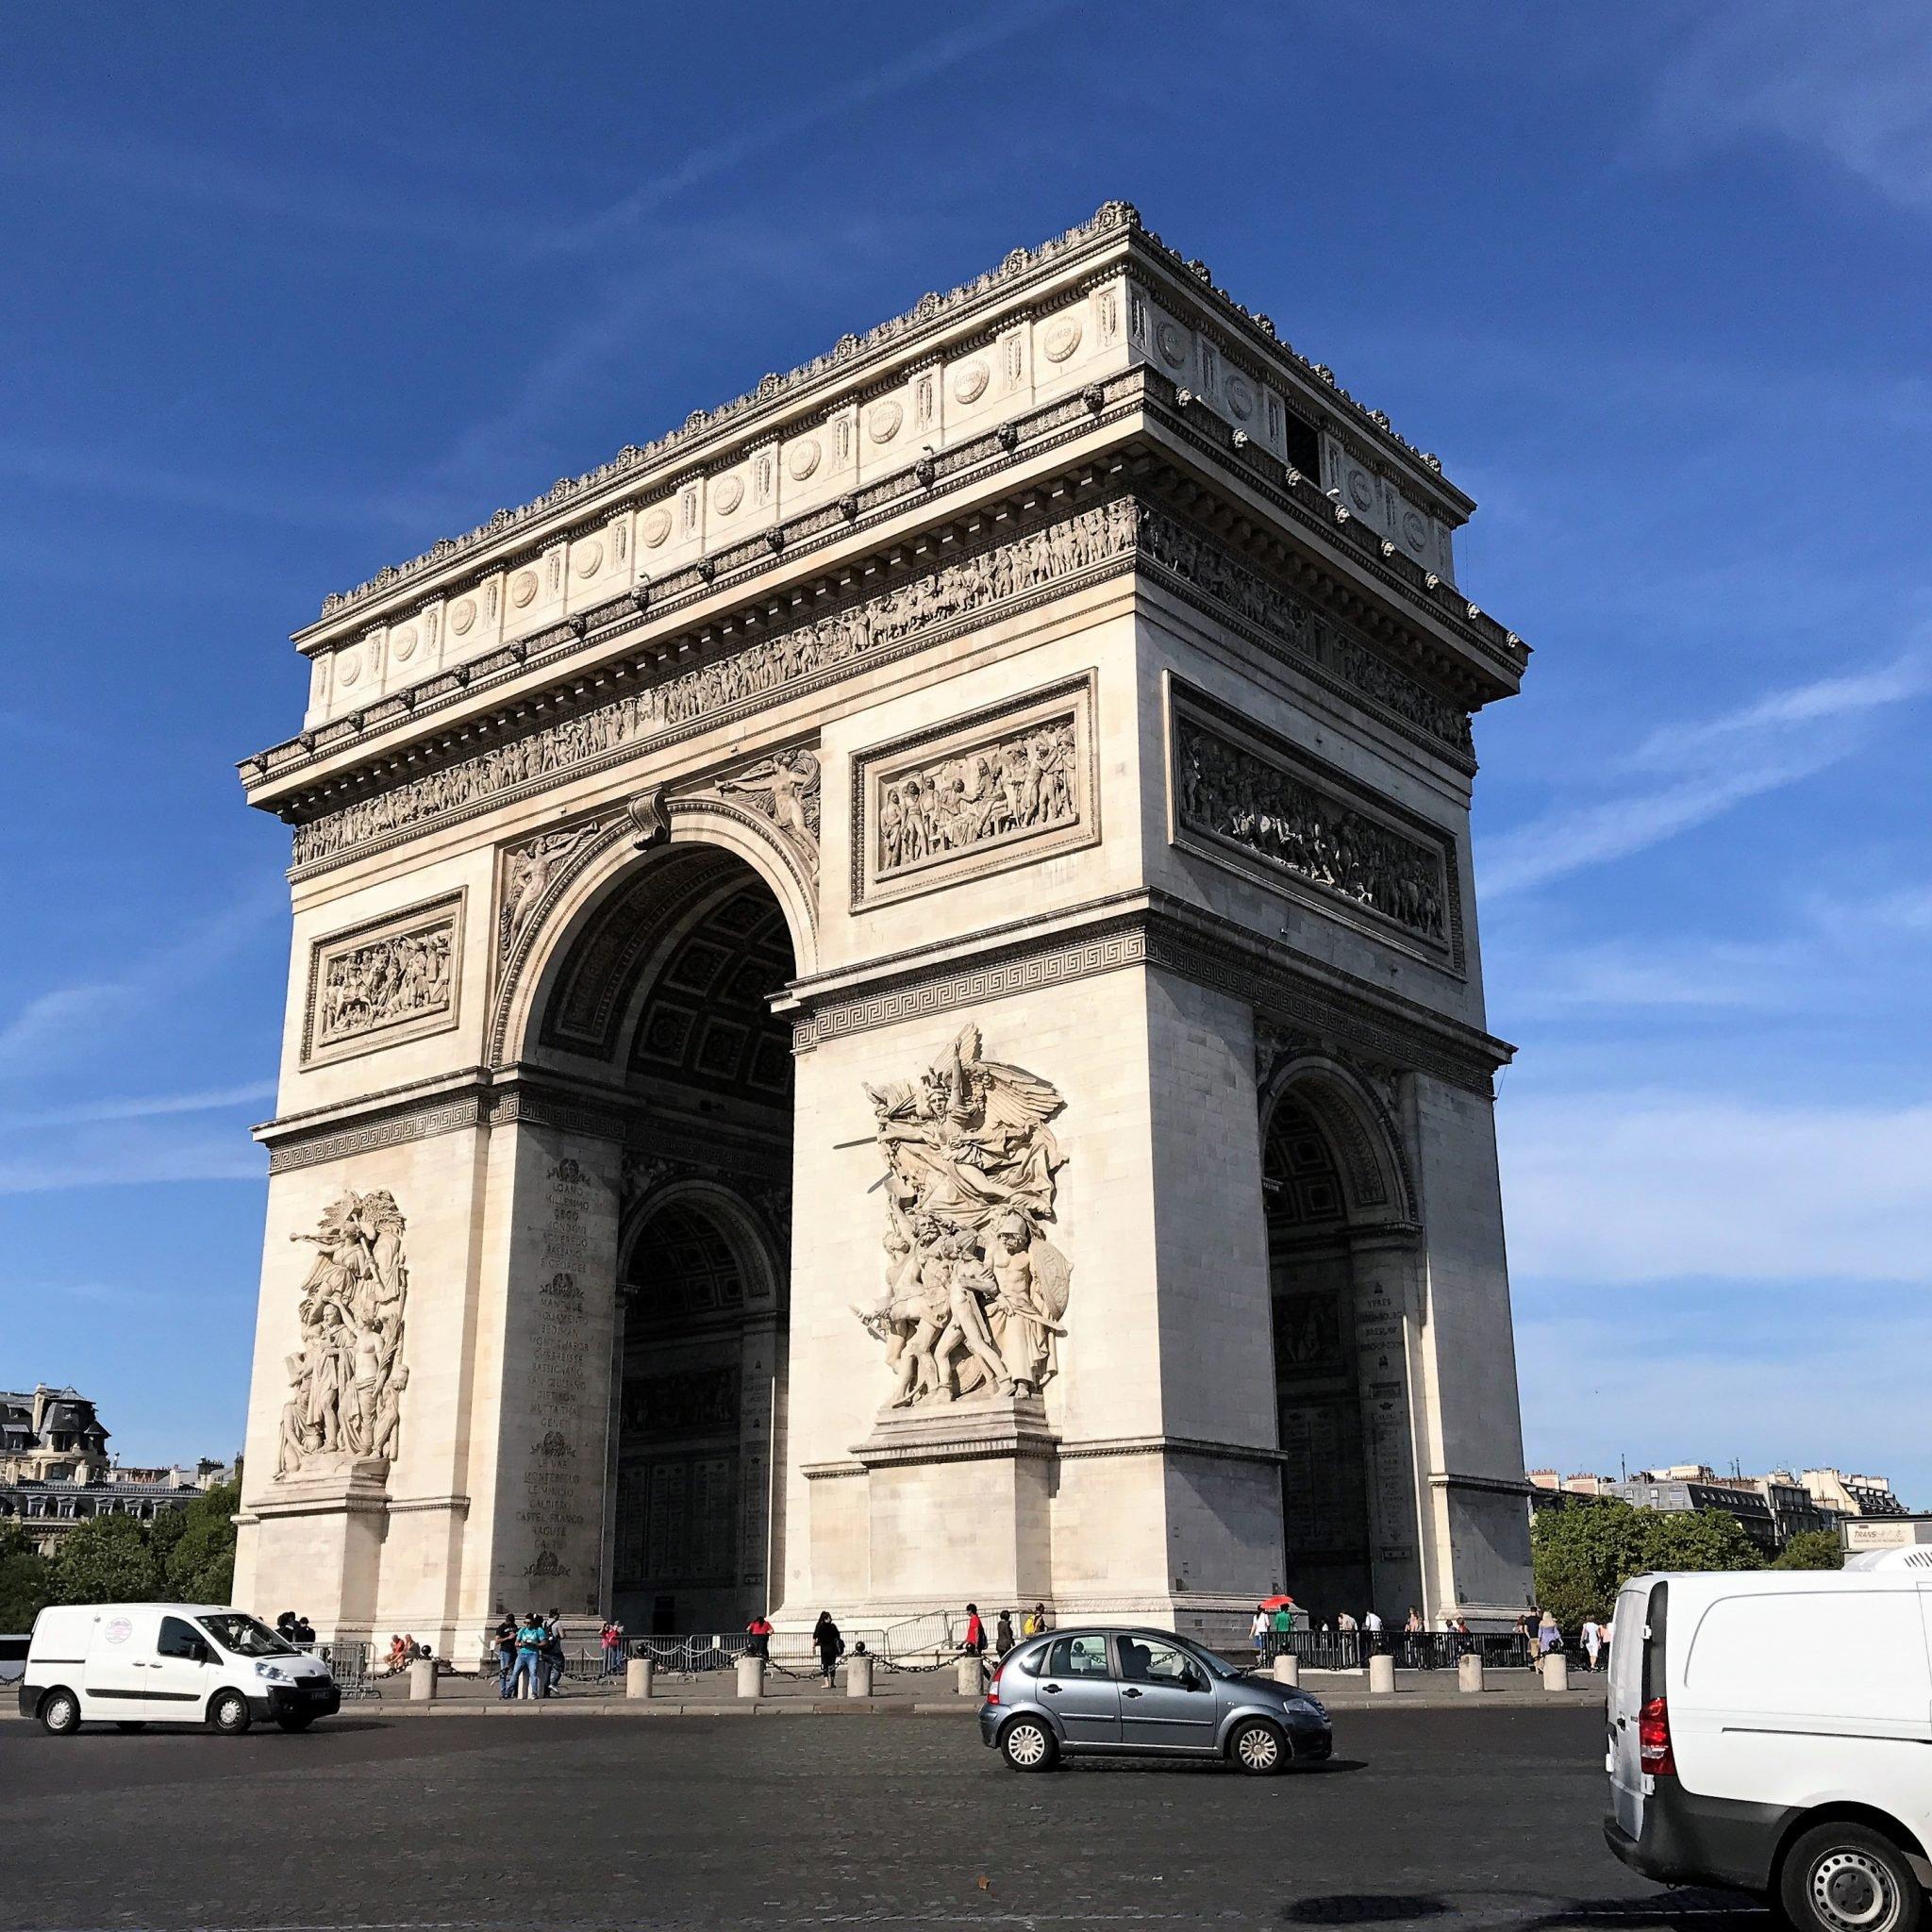 Pariisin Riemukaari